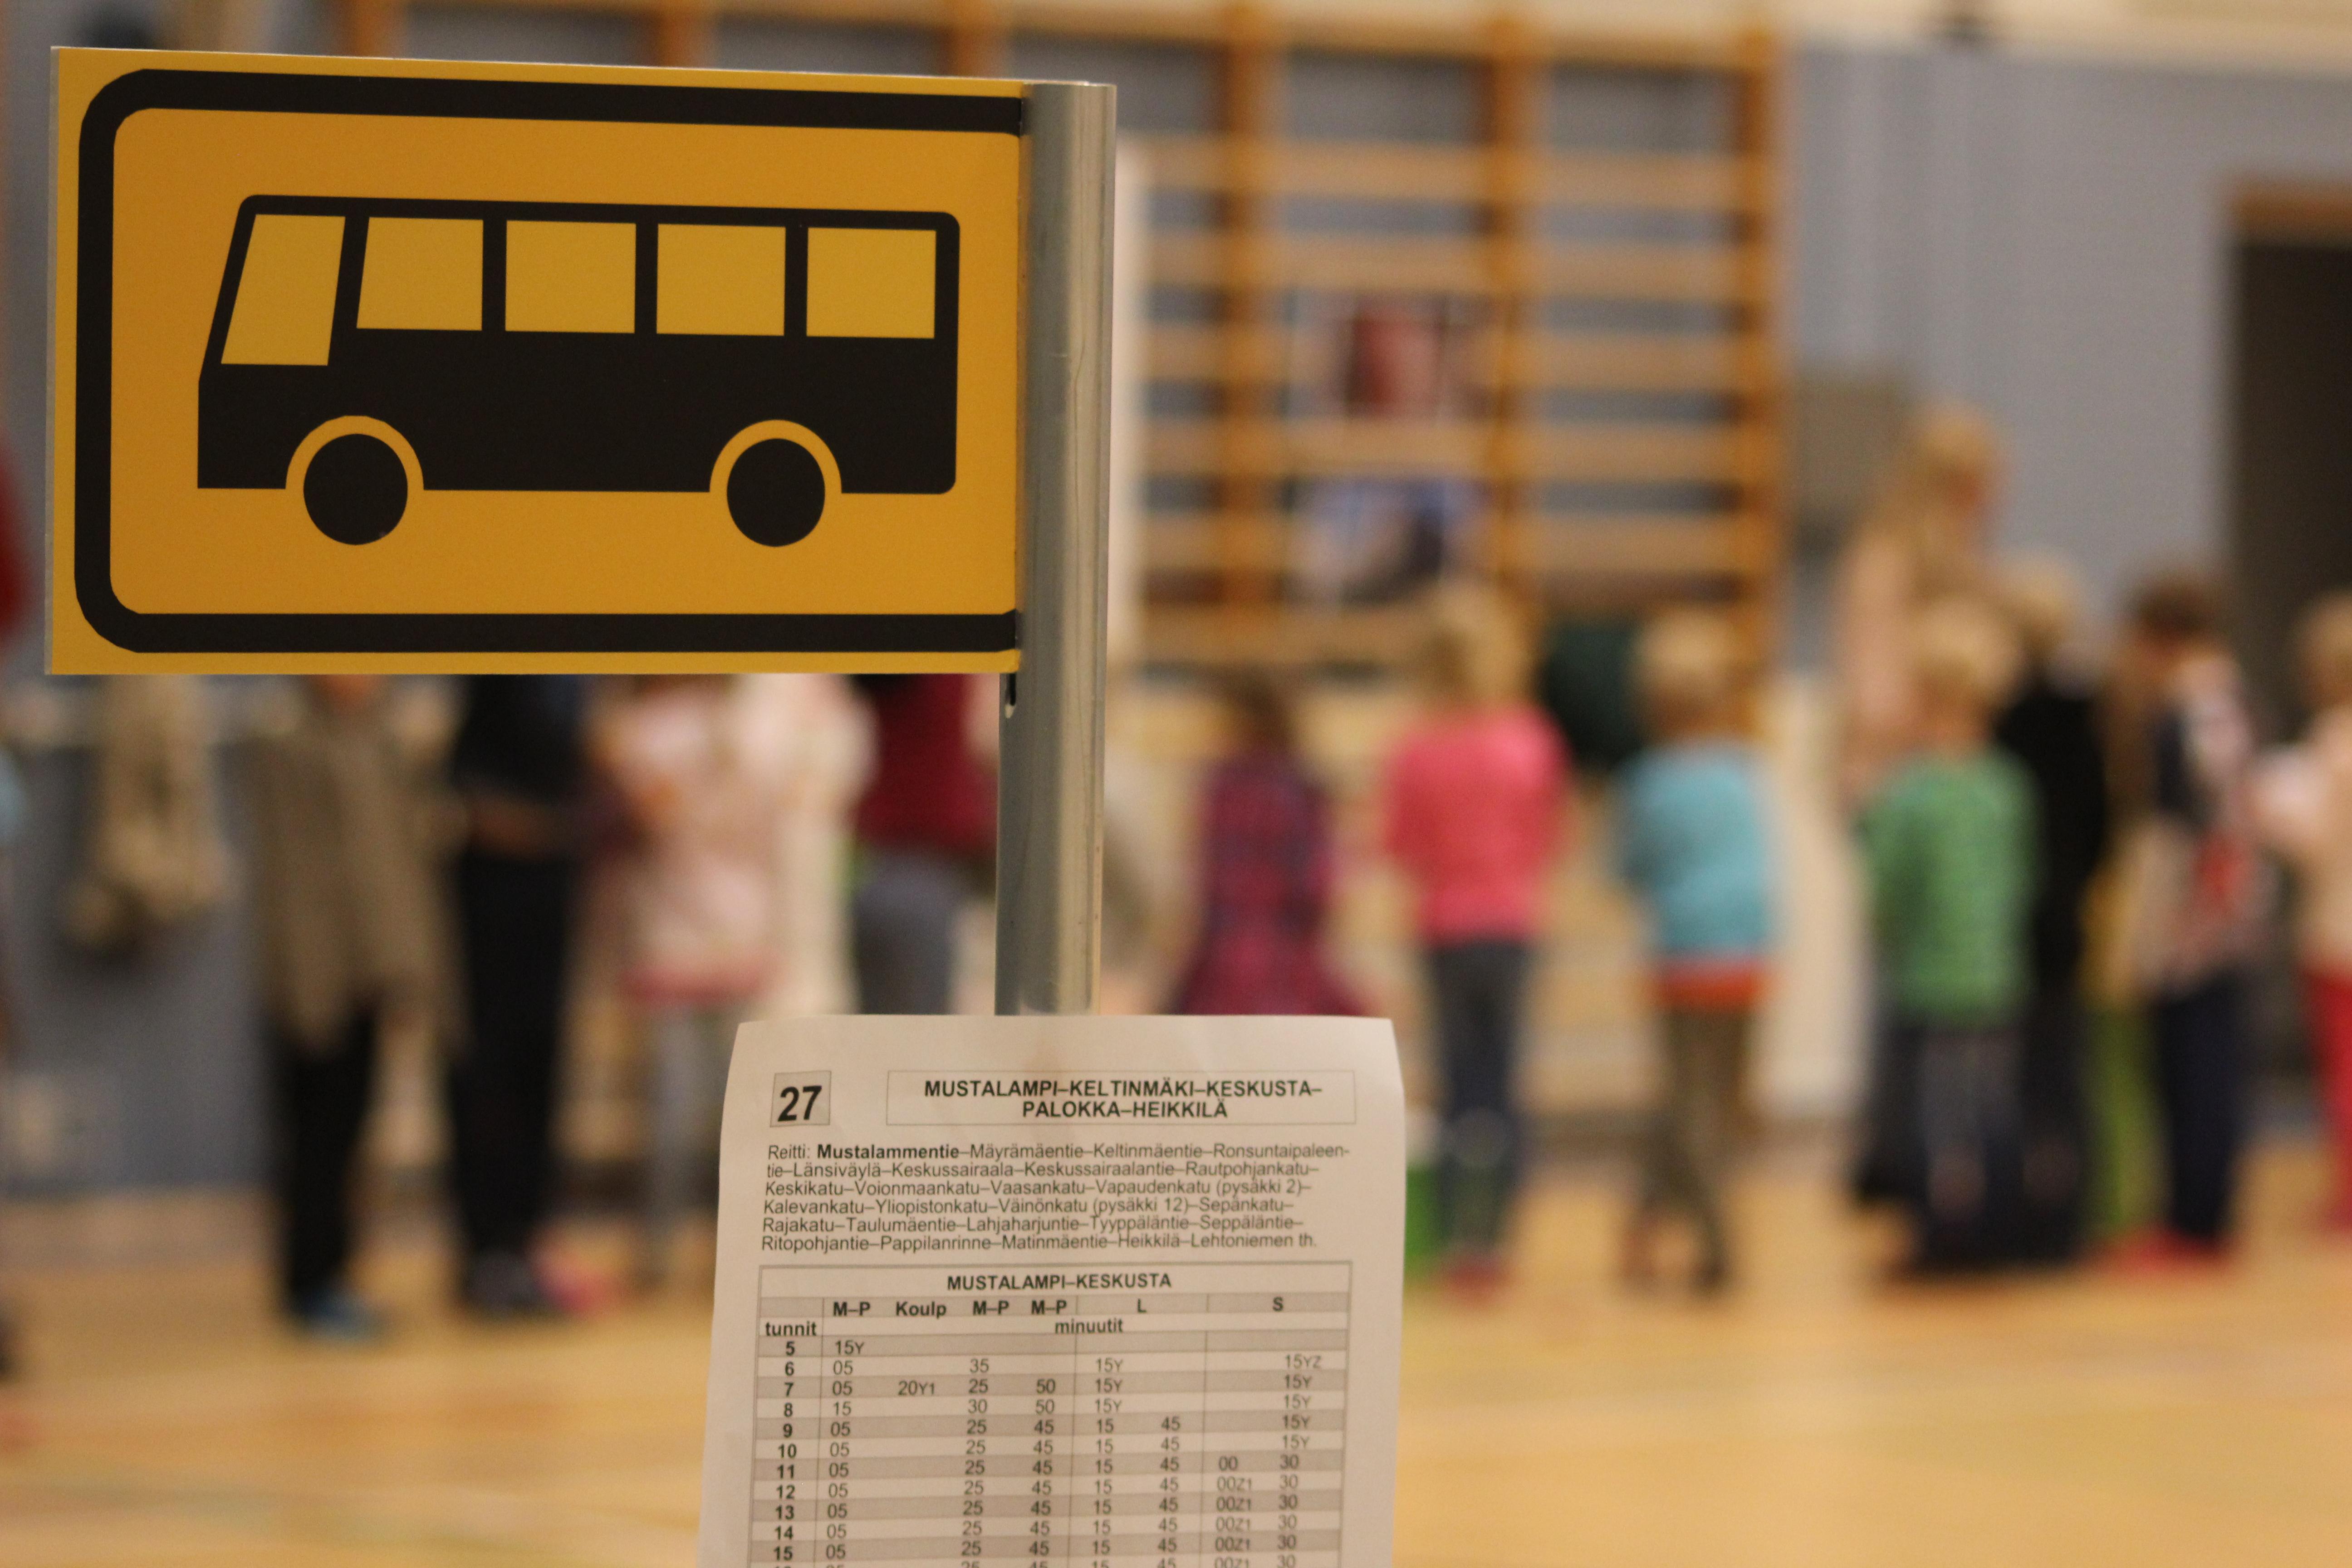 Tuokiokuva Bussiloikka-esityksestä, bussipysäkin merkki etualalla, lapset takana.